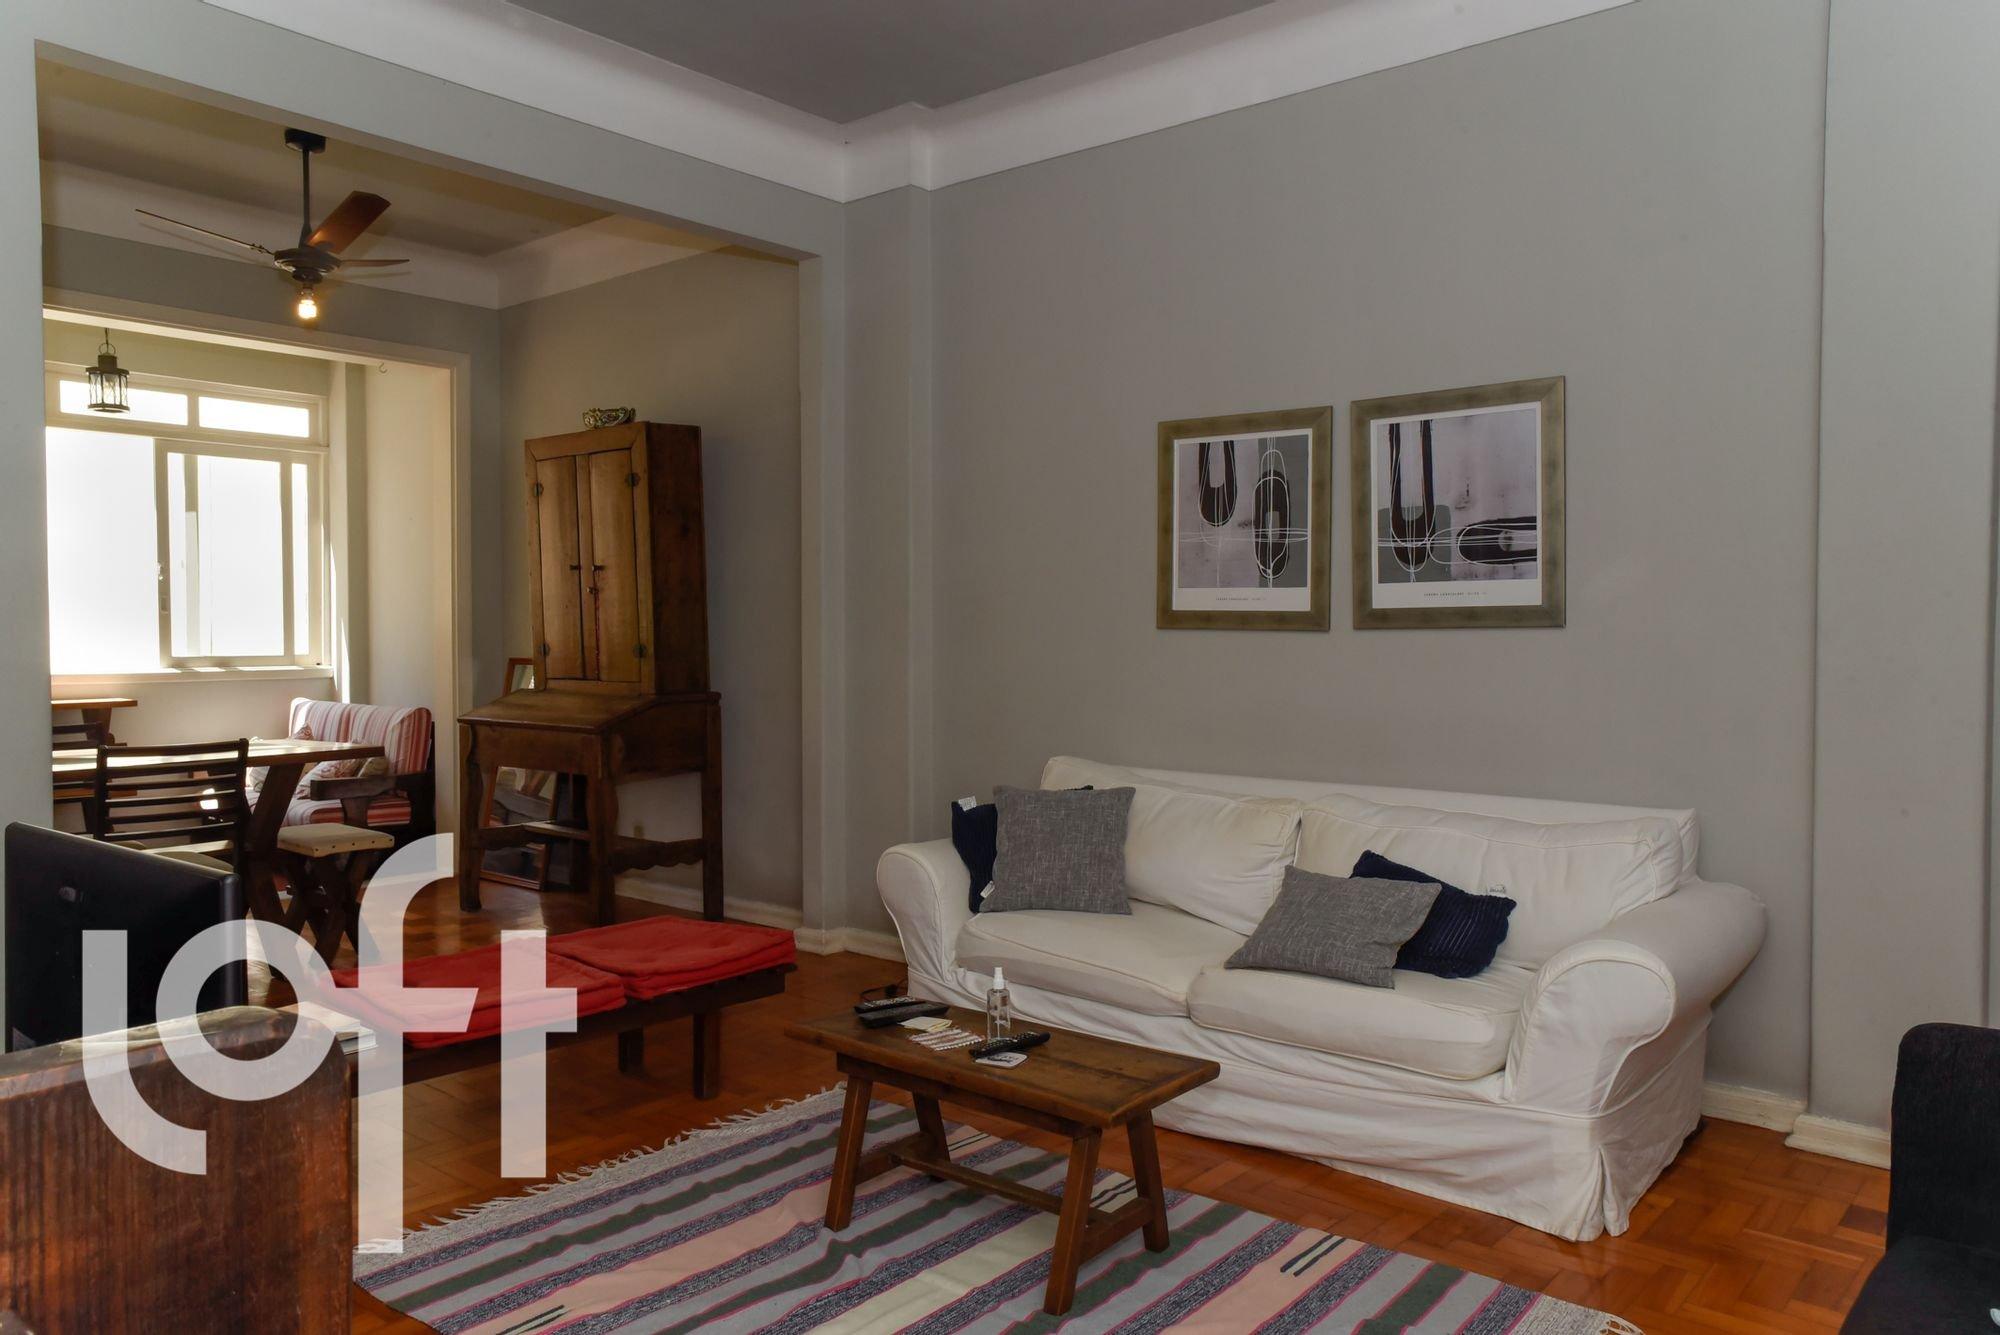 Foto de Sala com controle remoto, sofá, cadeira